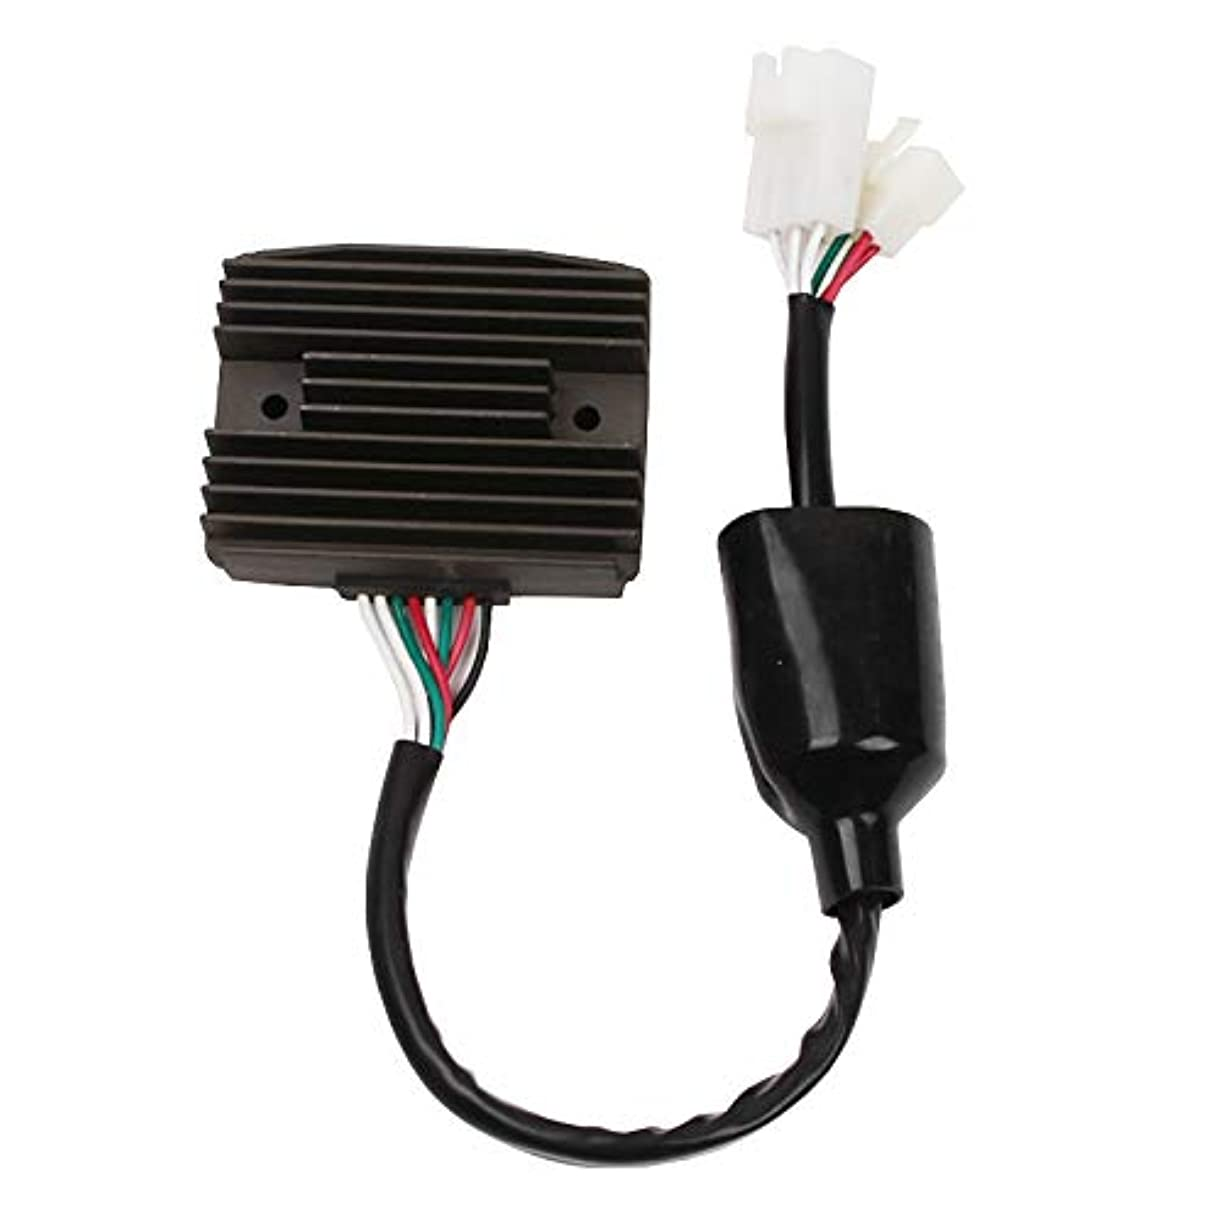 解読する貧困アラブ人HUILI-JPHOME 電圧 レギュレータ レクチファイヤー 整流器 ホンダ CBR1100XX 1999-2003 2000 2001 2002 対応